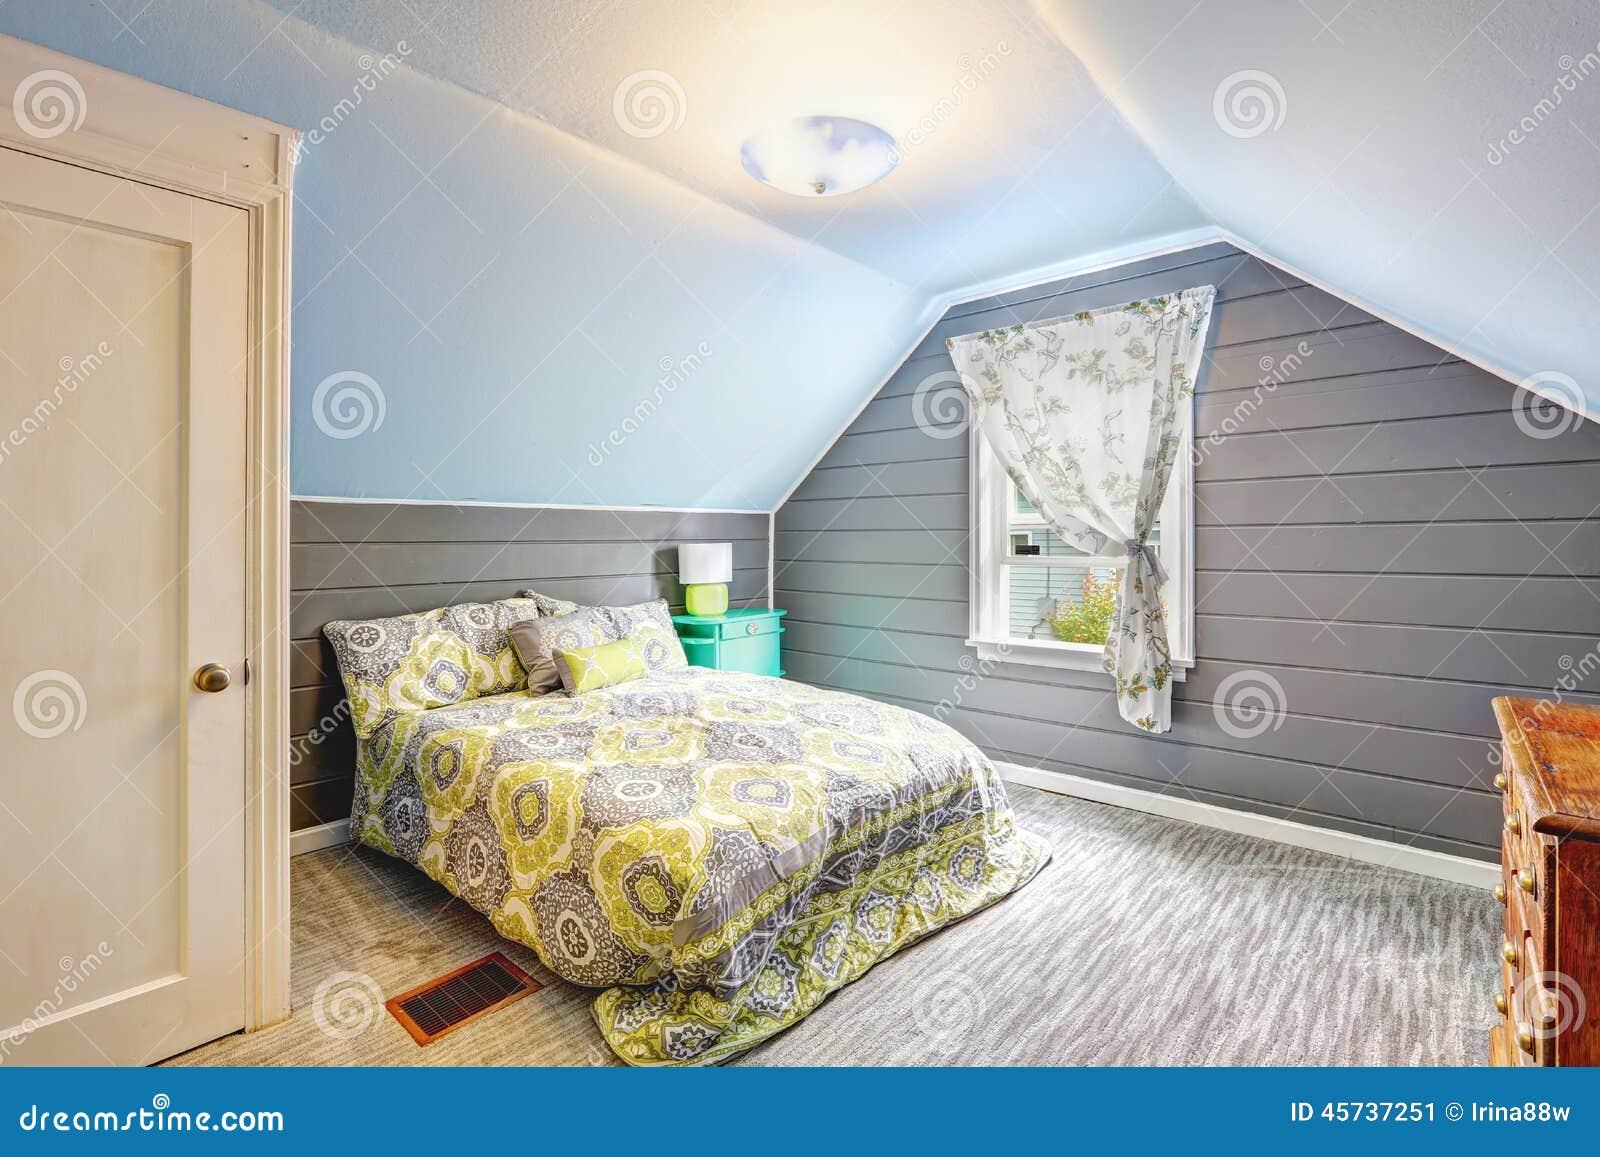 Slaapkamer Met Gewelfd Plafond En Plank Met Panelen Beklede Muren ...